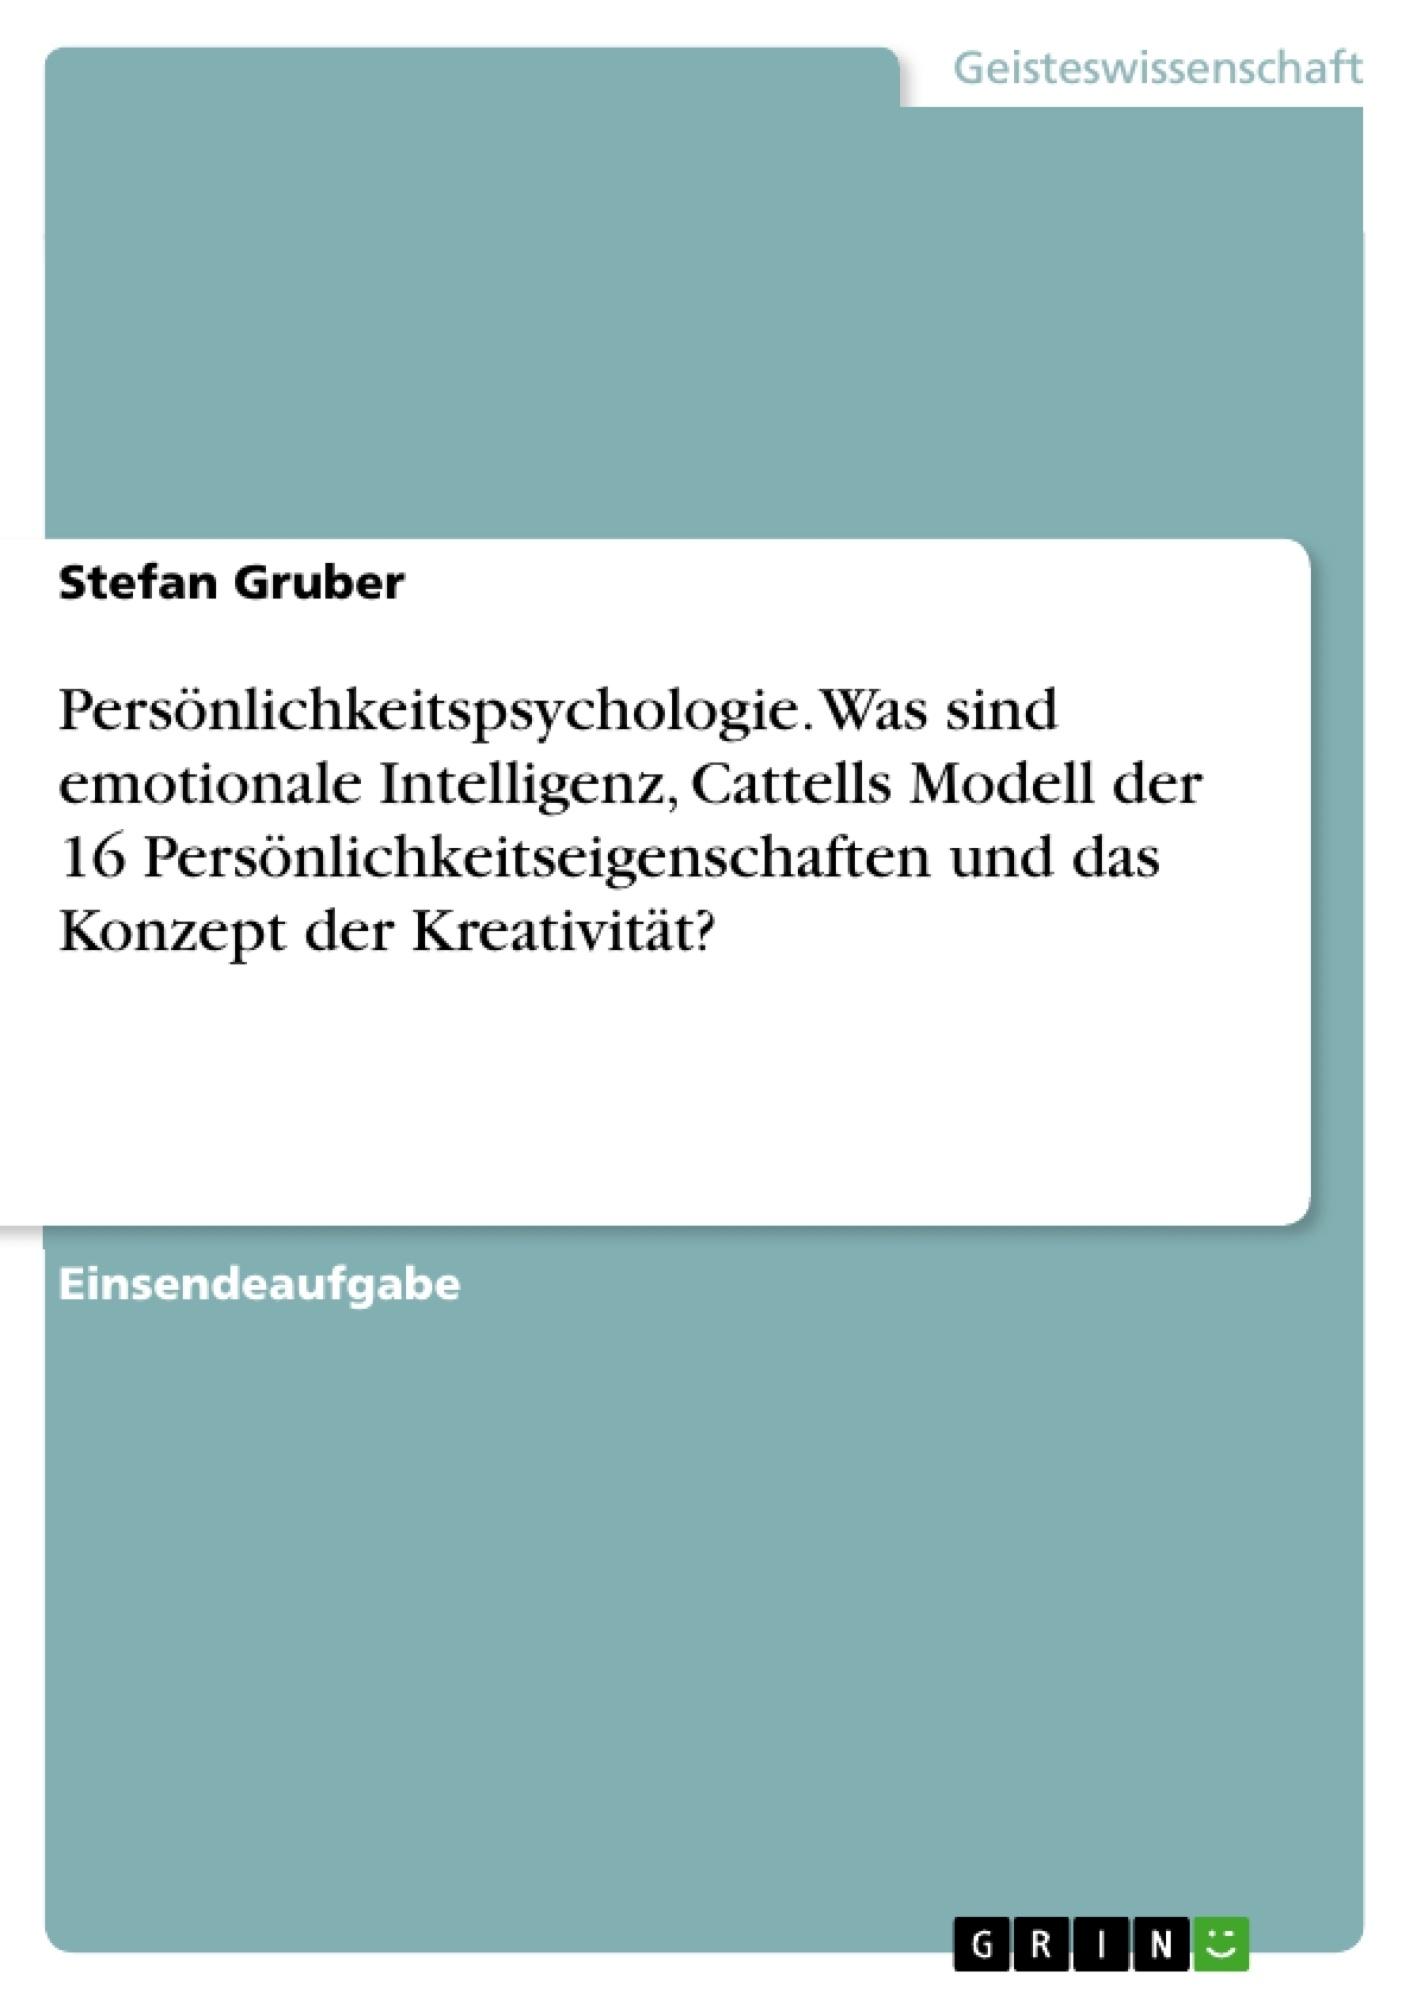 Titel: Persönlichkeitspsychologie. Was sind emotionale Intelligenz, Cattells Modell der 16 Persönlichkeitseigenschaften und das Konzept der Kreativität?